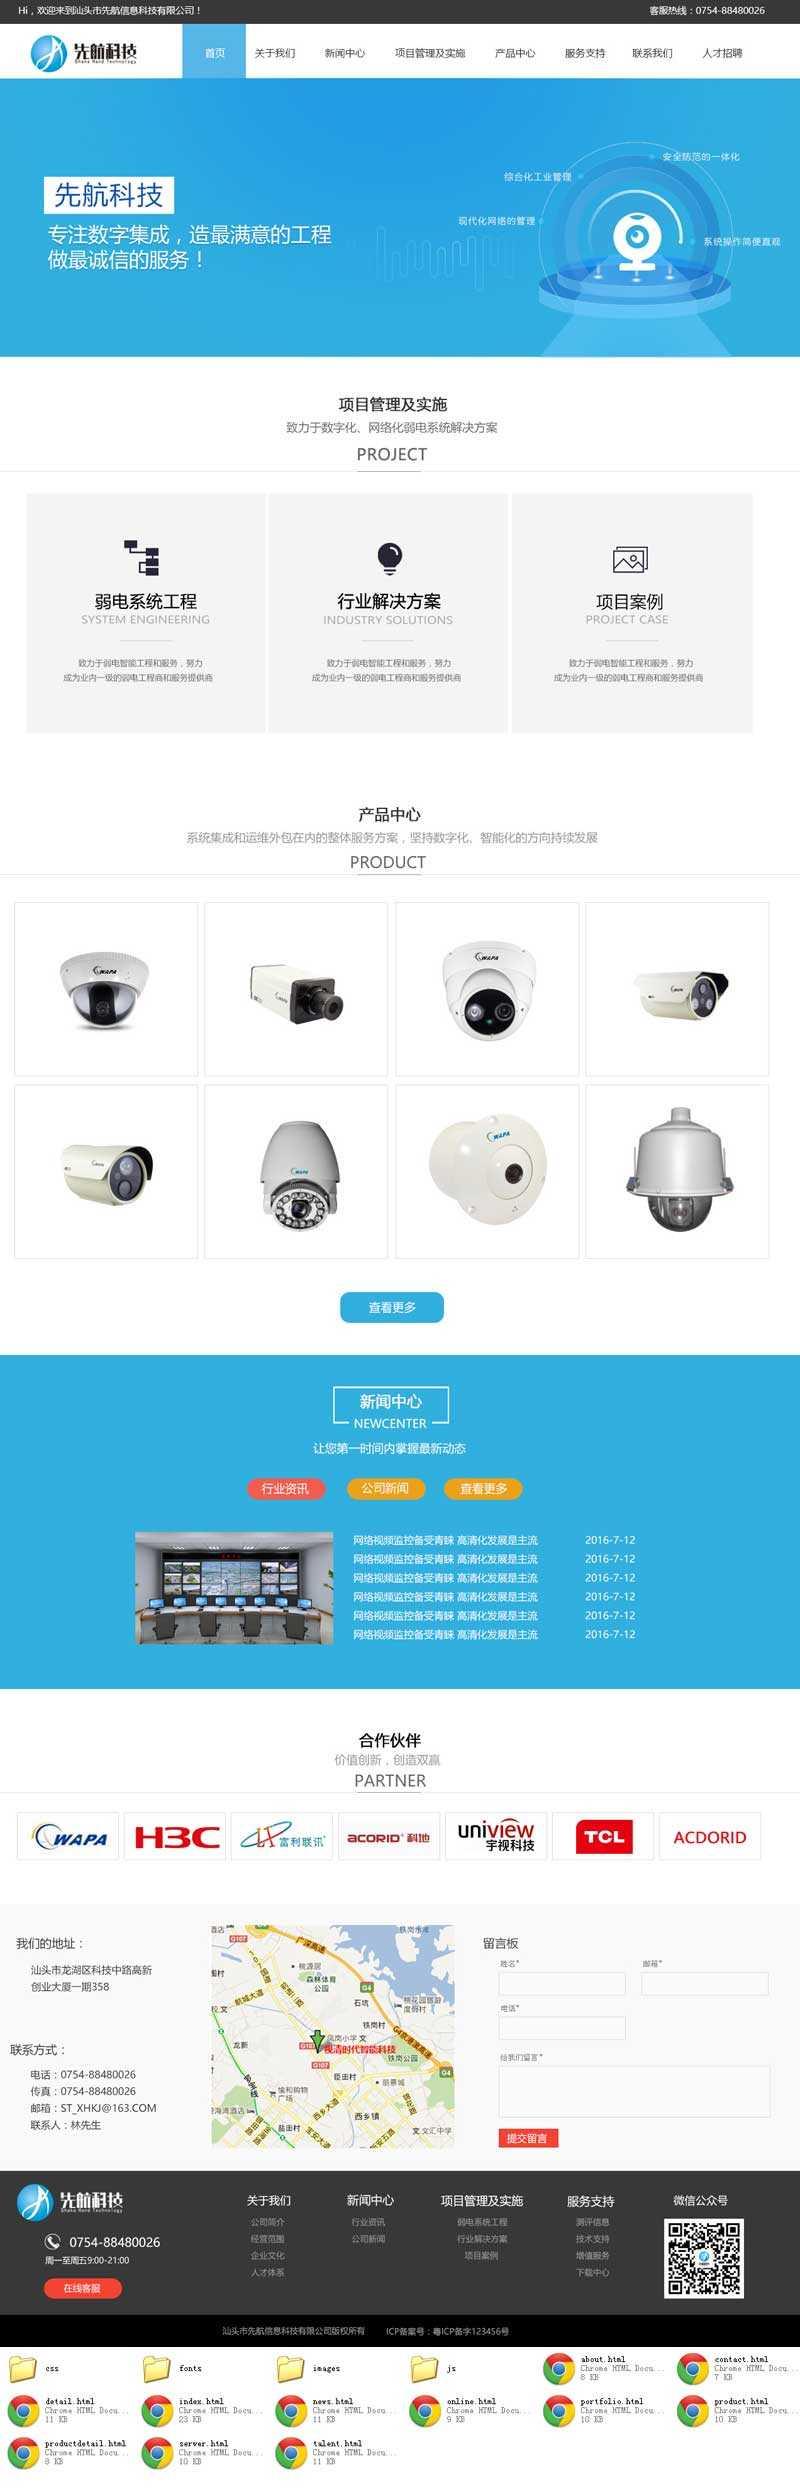 简洁宽屏的摄像头设备公司网站响应式模板